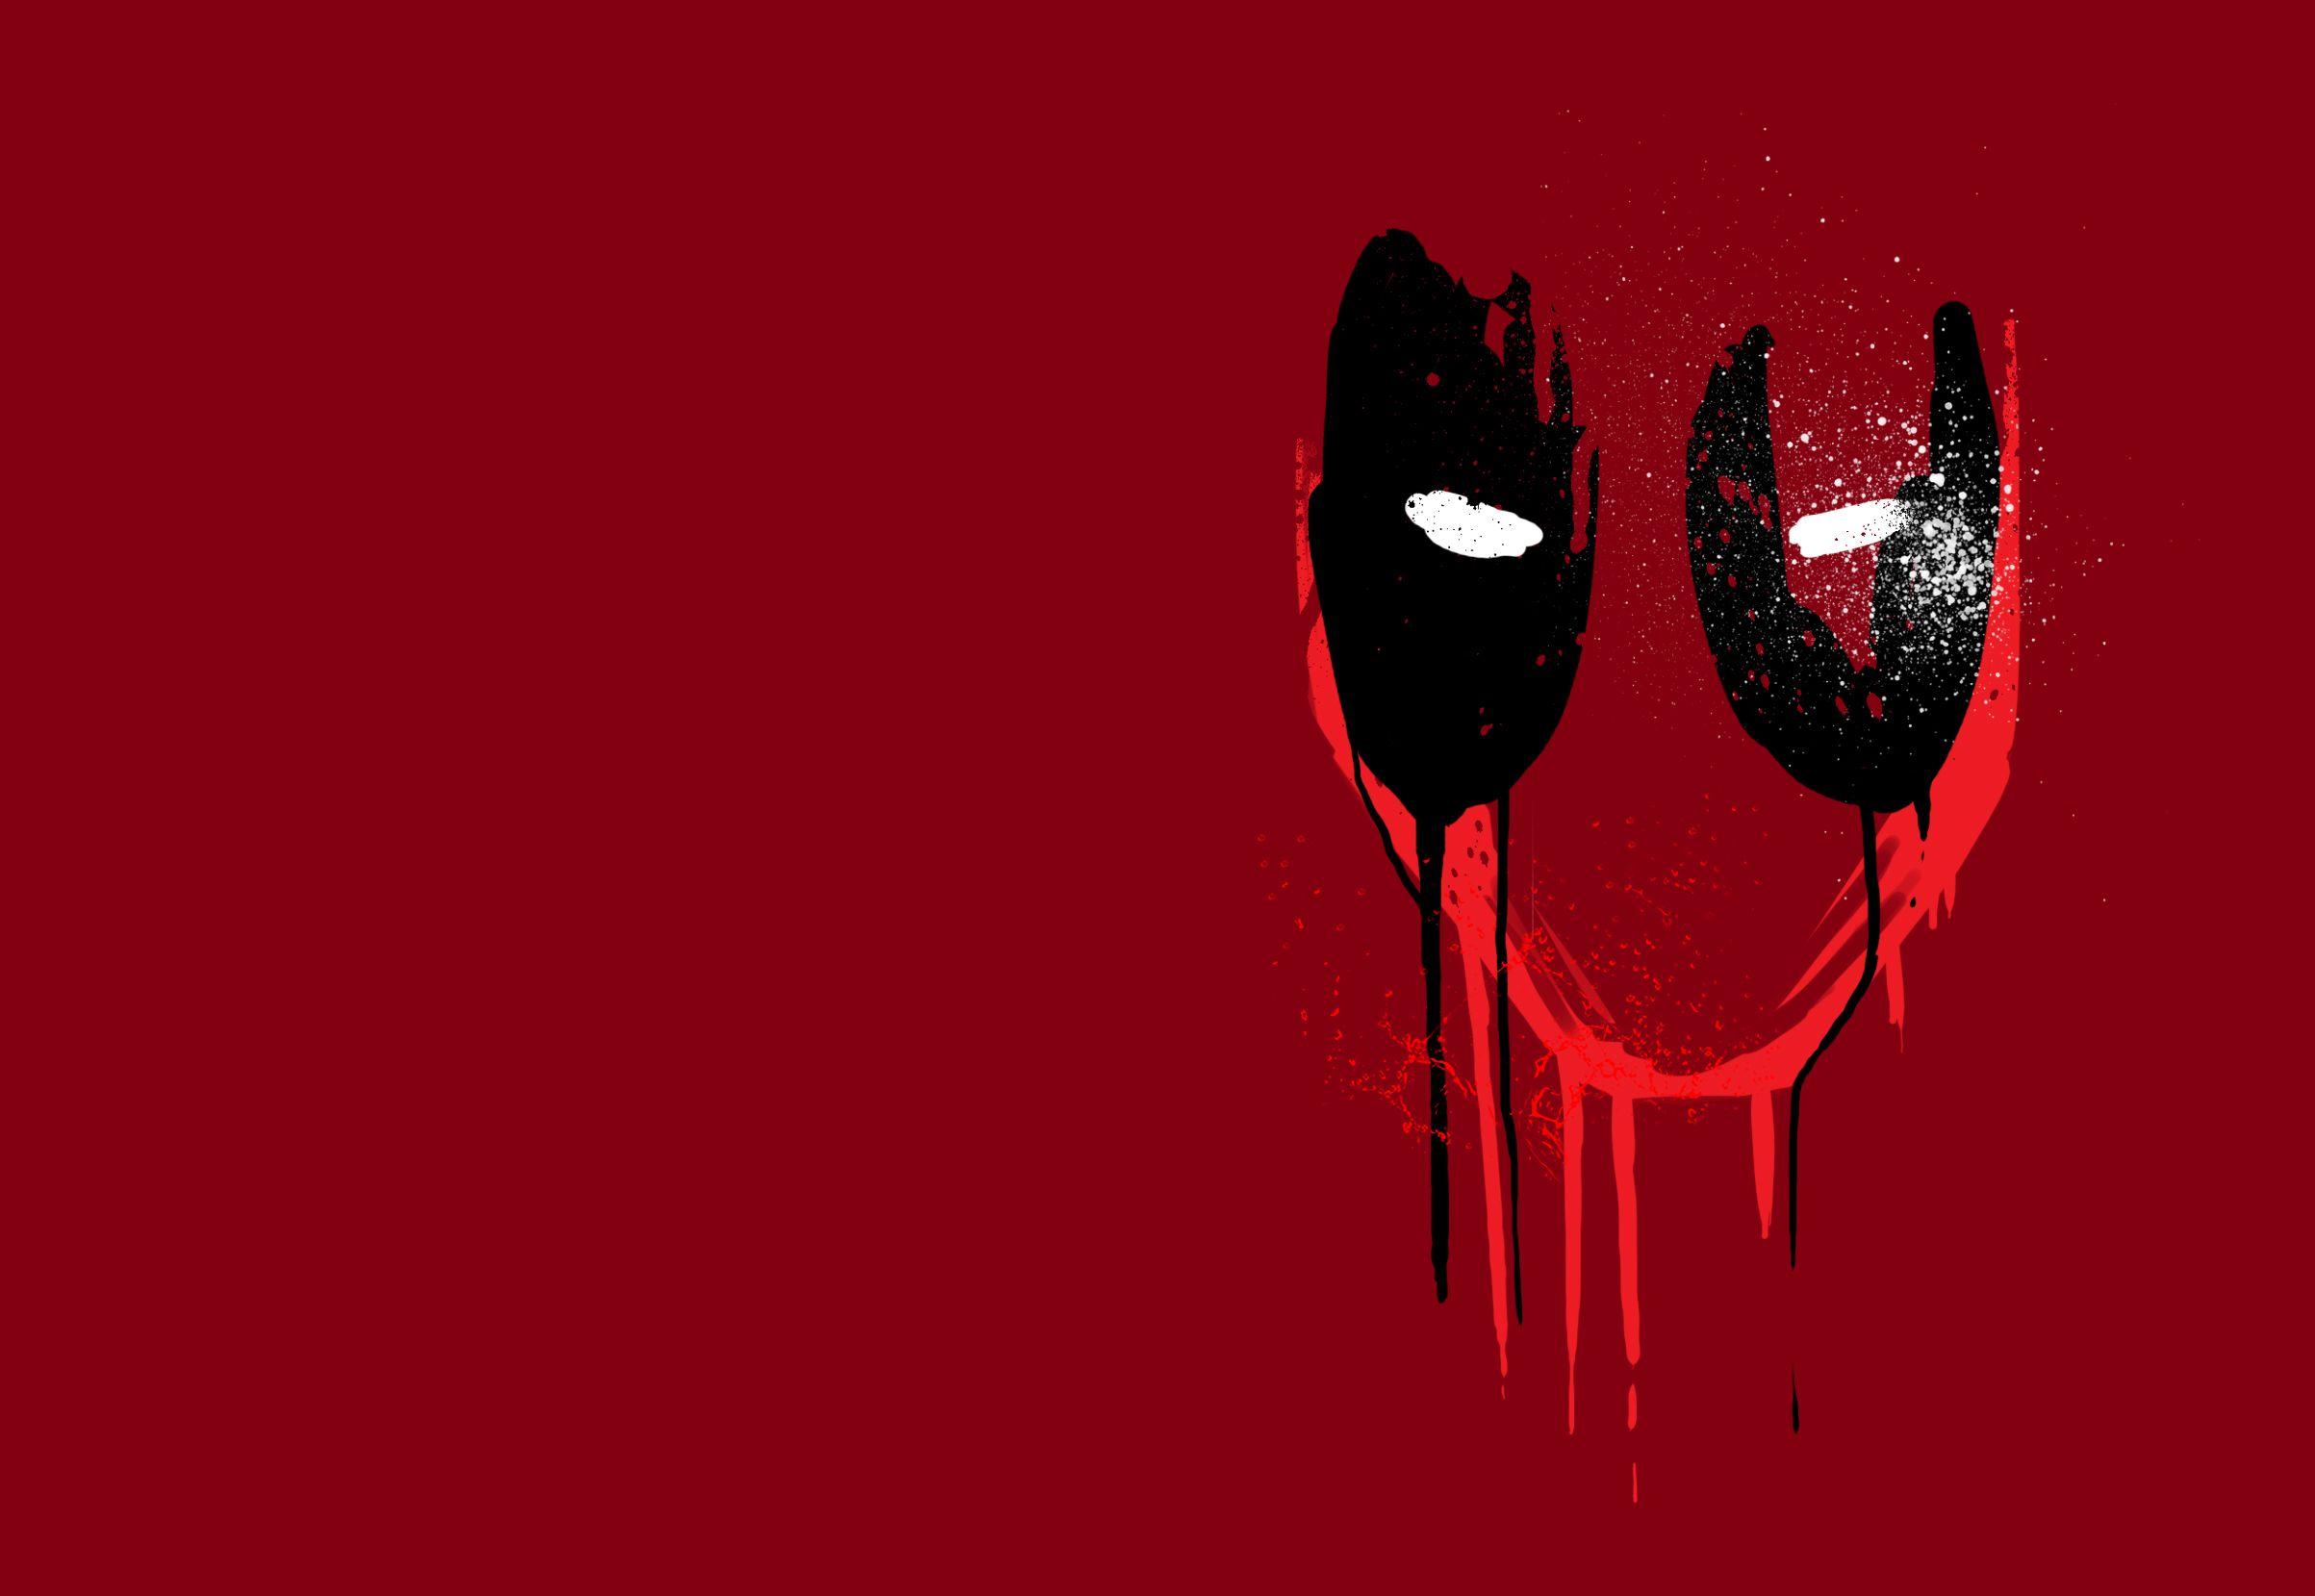 Wallpaper For Laptop Deadpool